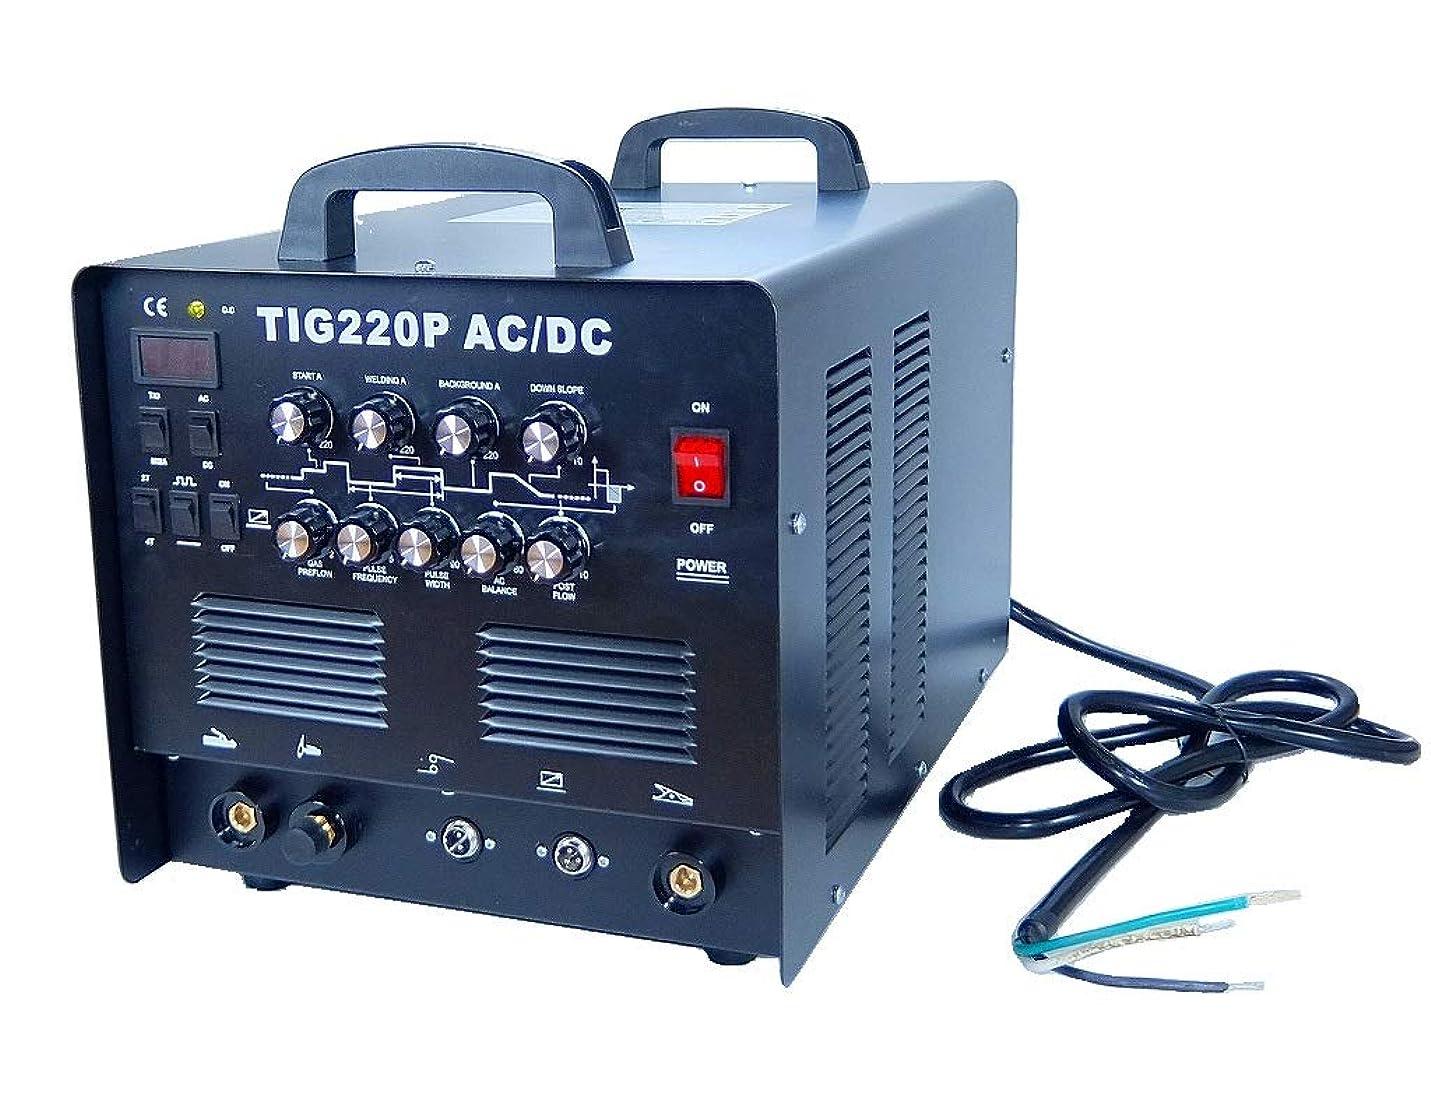 櫛合図ワイプ交流 直流 AC/DC 切替式 インバーター TIG溶接機 TIG220P!パルス溶接 アルミOK!高機能本格モデル